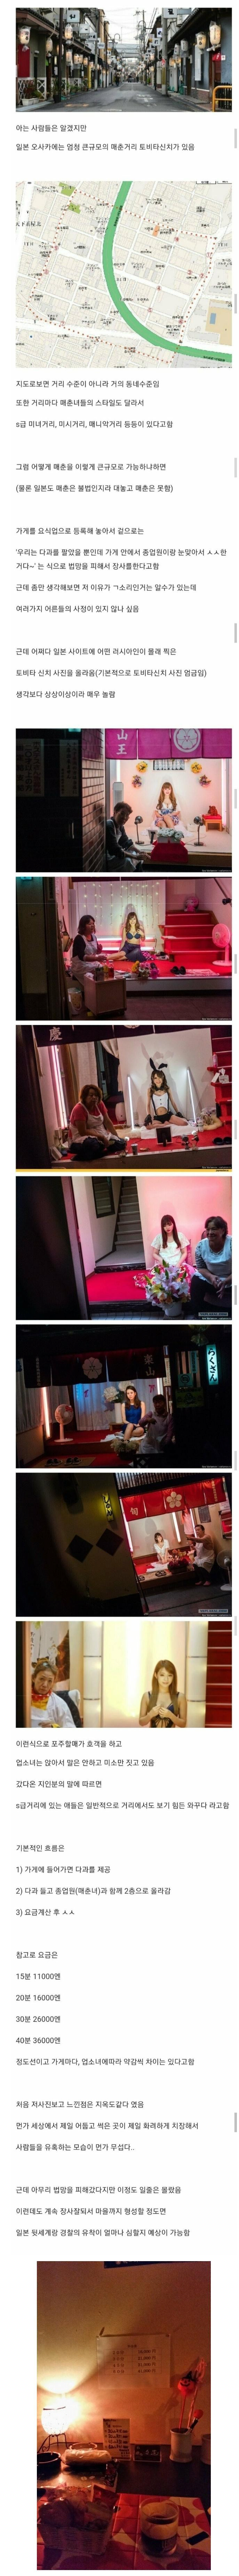 홍등가에서 호객하는 연예인급 일본녀들